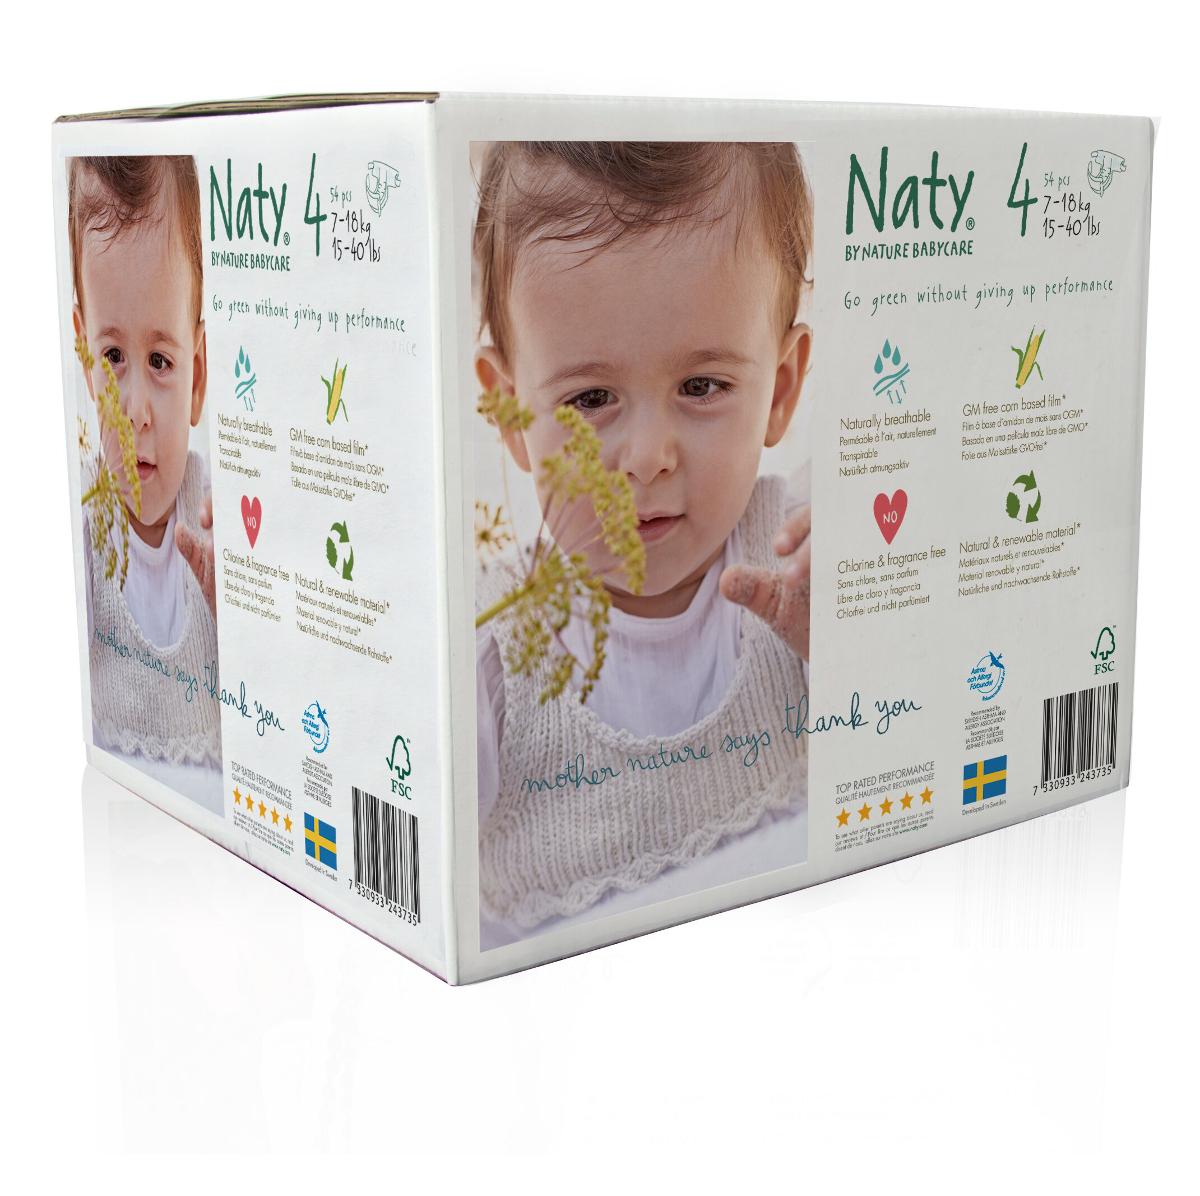 Naty Подгузники 7-18 кг (размер 4) эконом-бокс 54 шт тод данкан продажи на основе высокого доверия